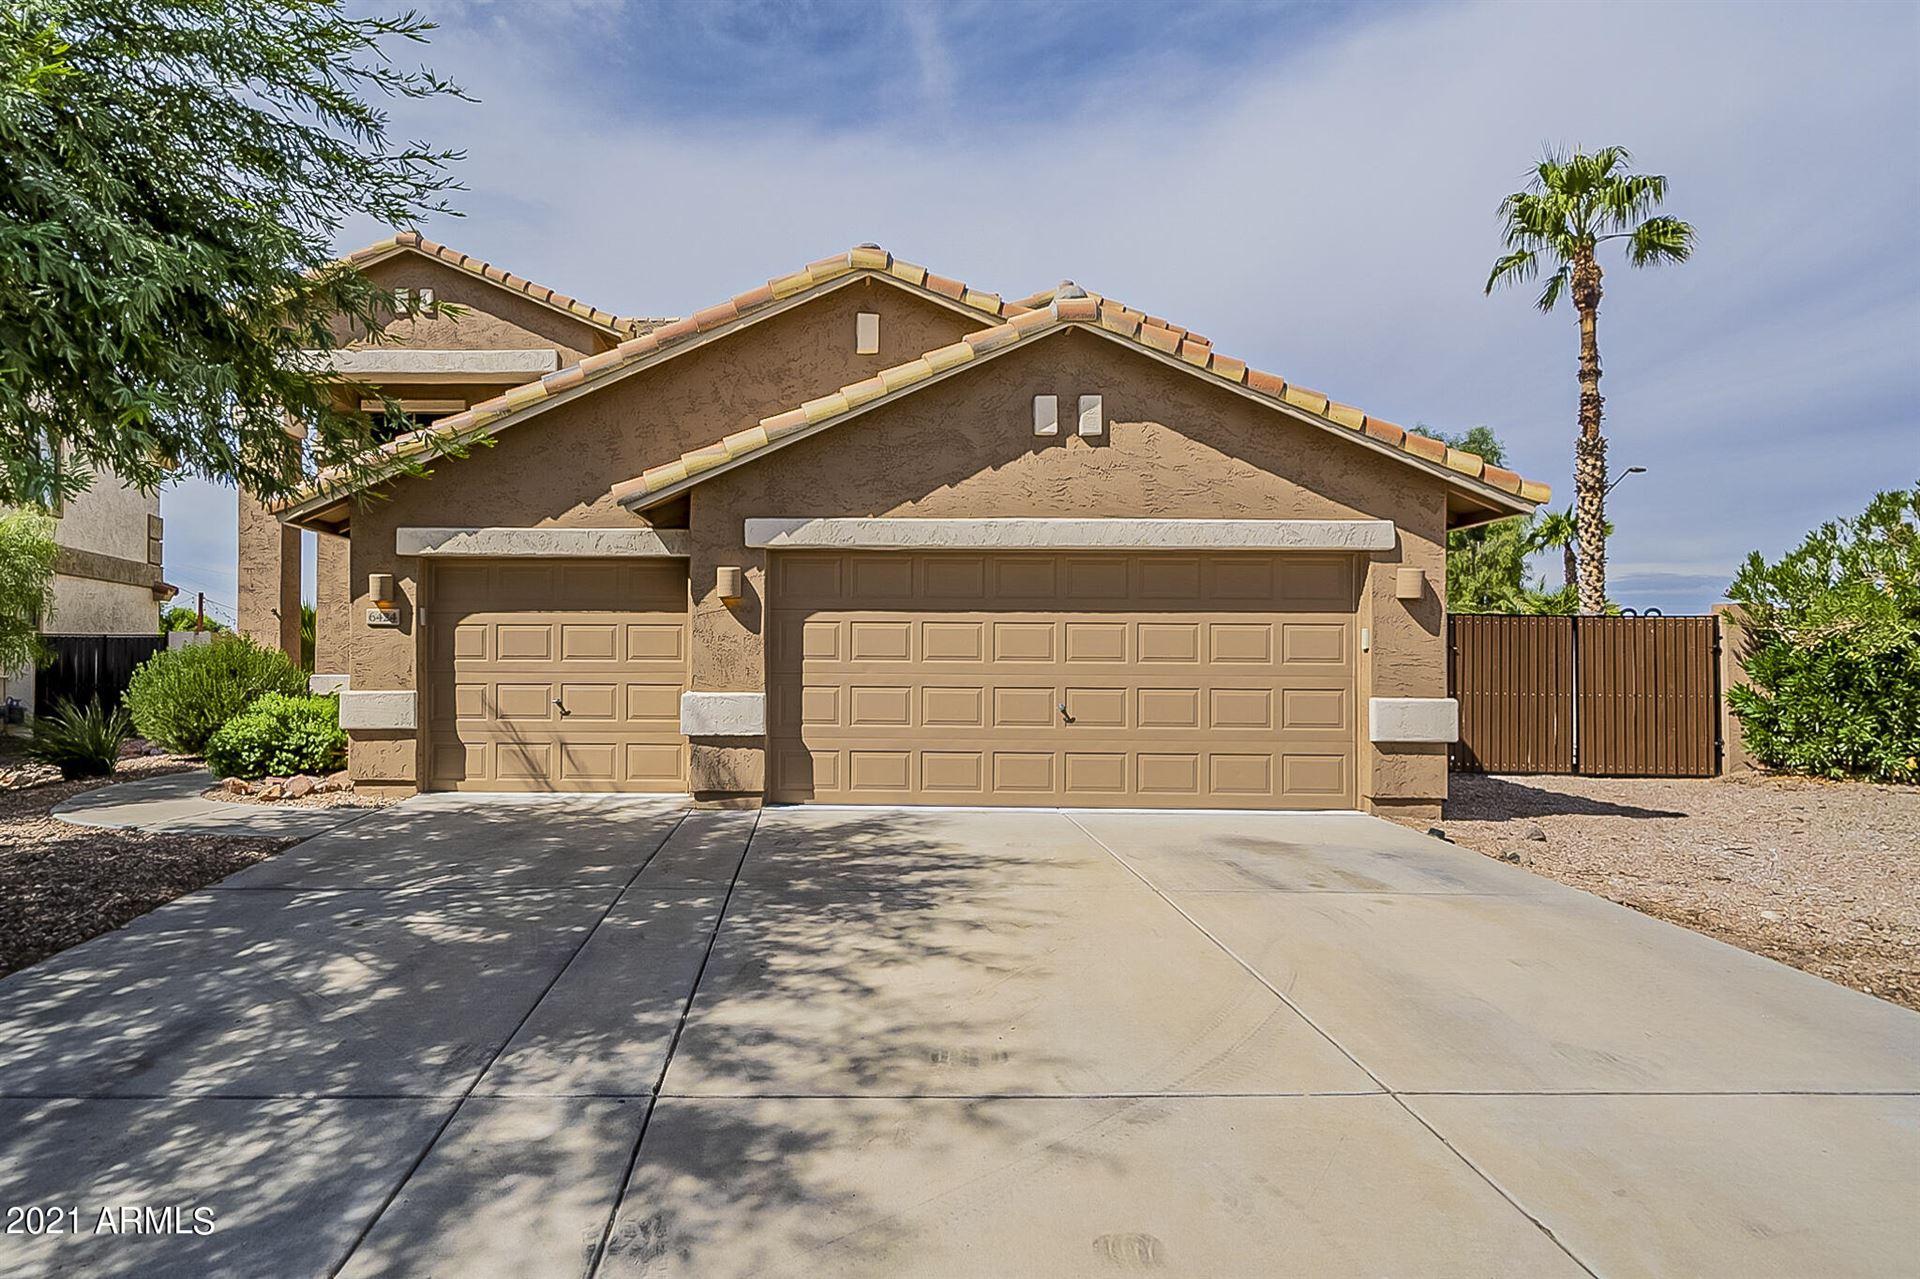 Photo of 6424 N FLORENCE Avenue, Litchfield Park, AZ 85340 (MLS # 6299411)